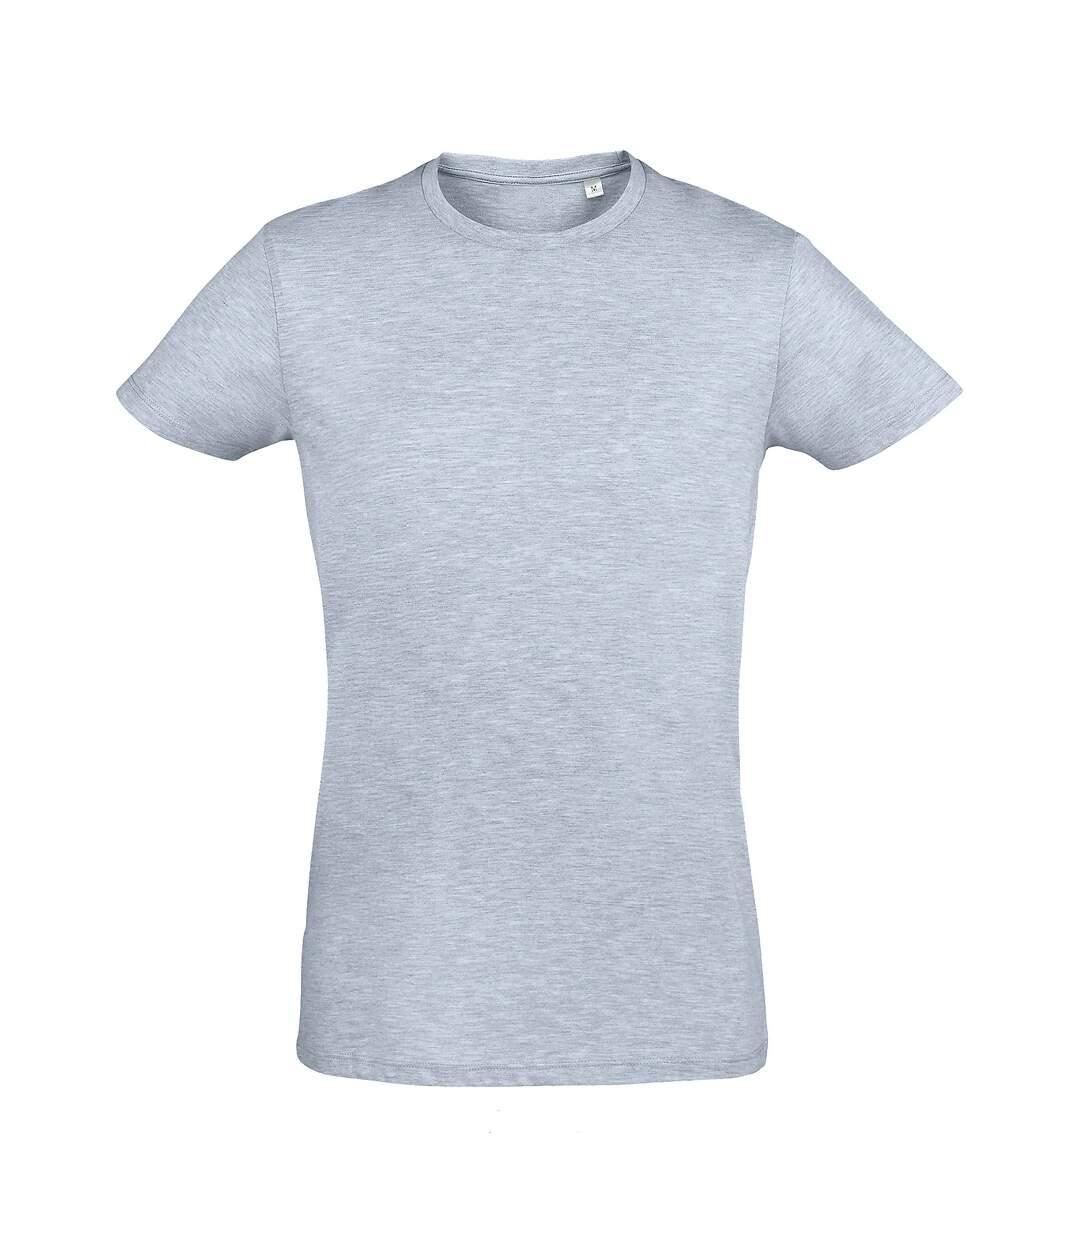 SOLS - T-shirt REGENT - Homme (Bleu ciel chiné) - UTPC506